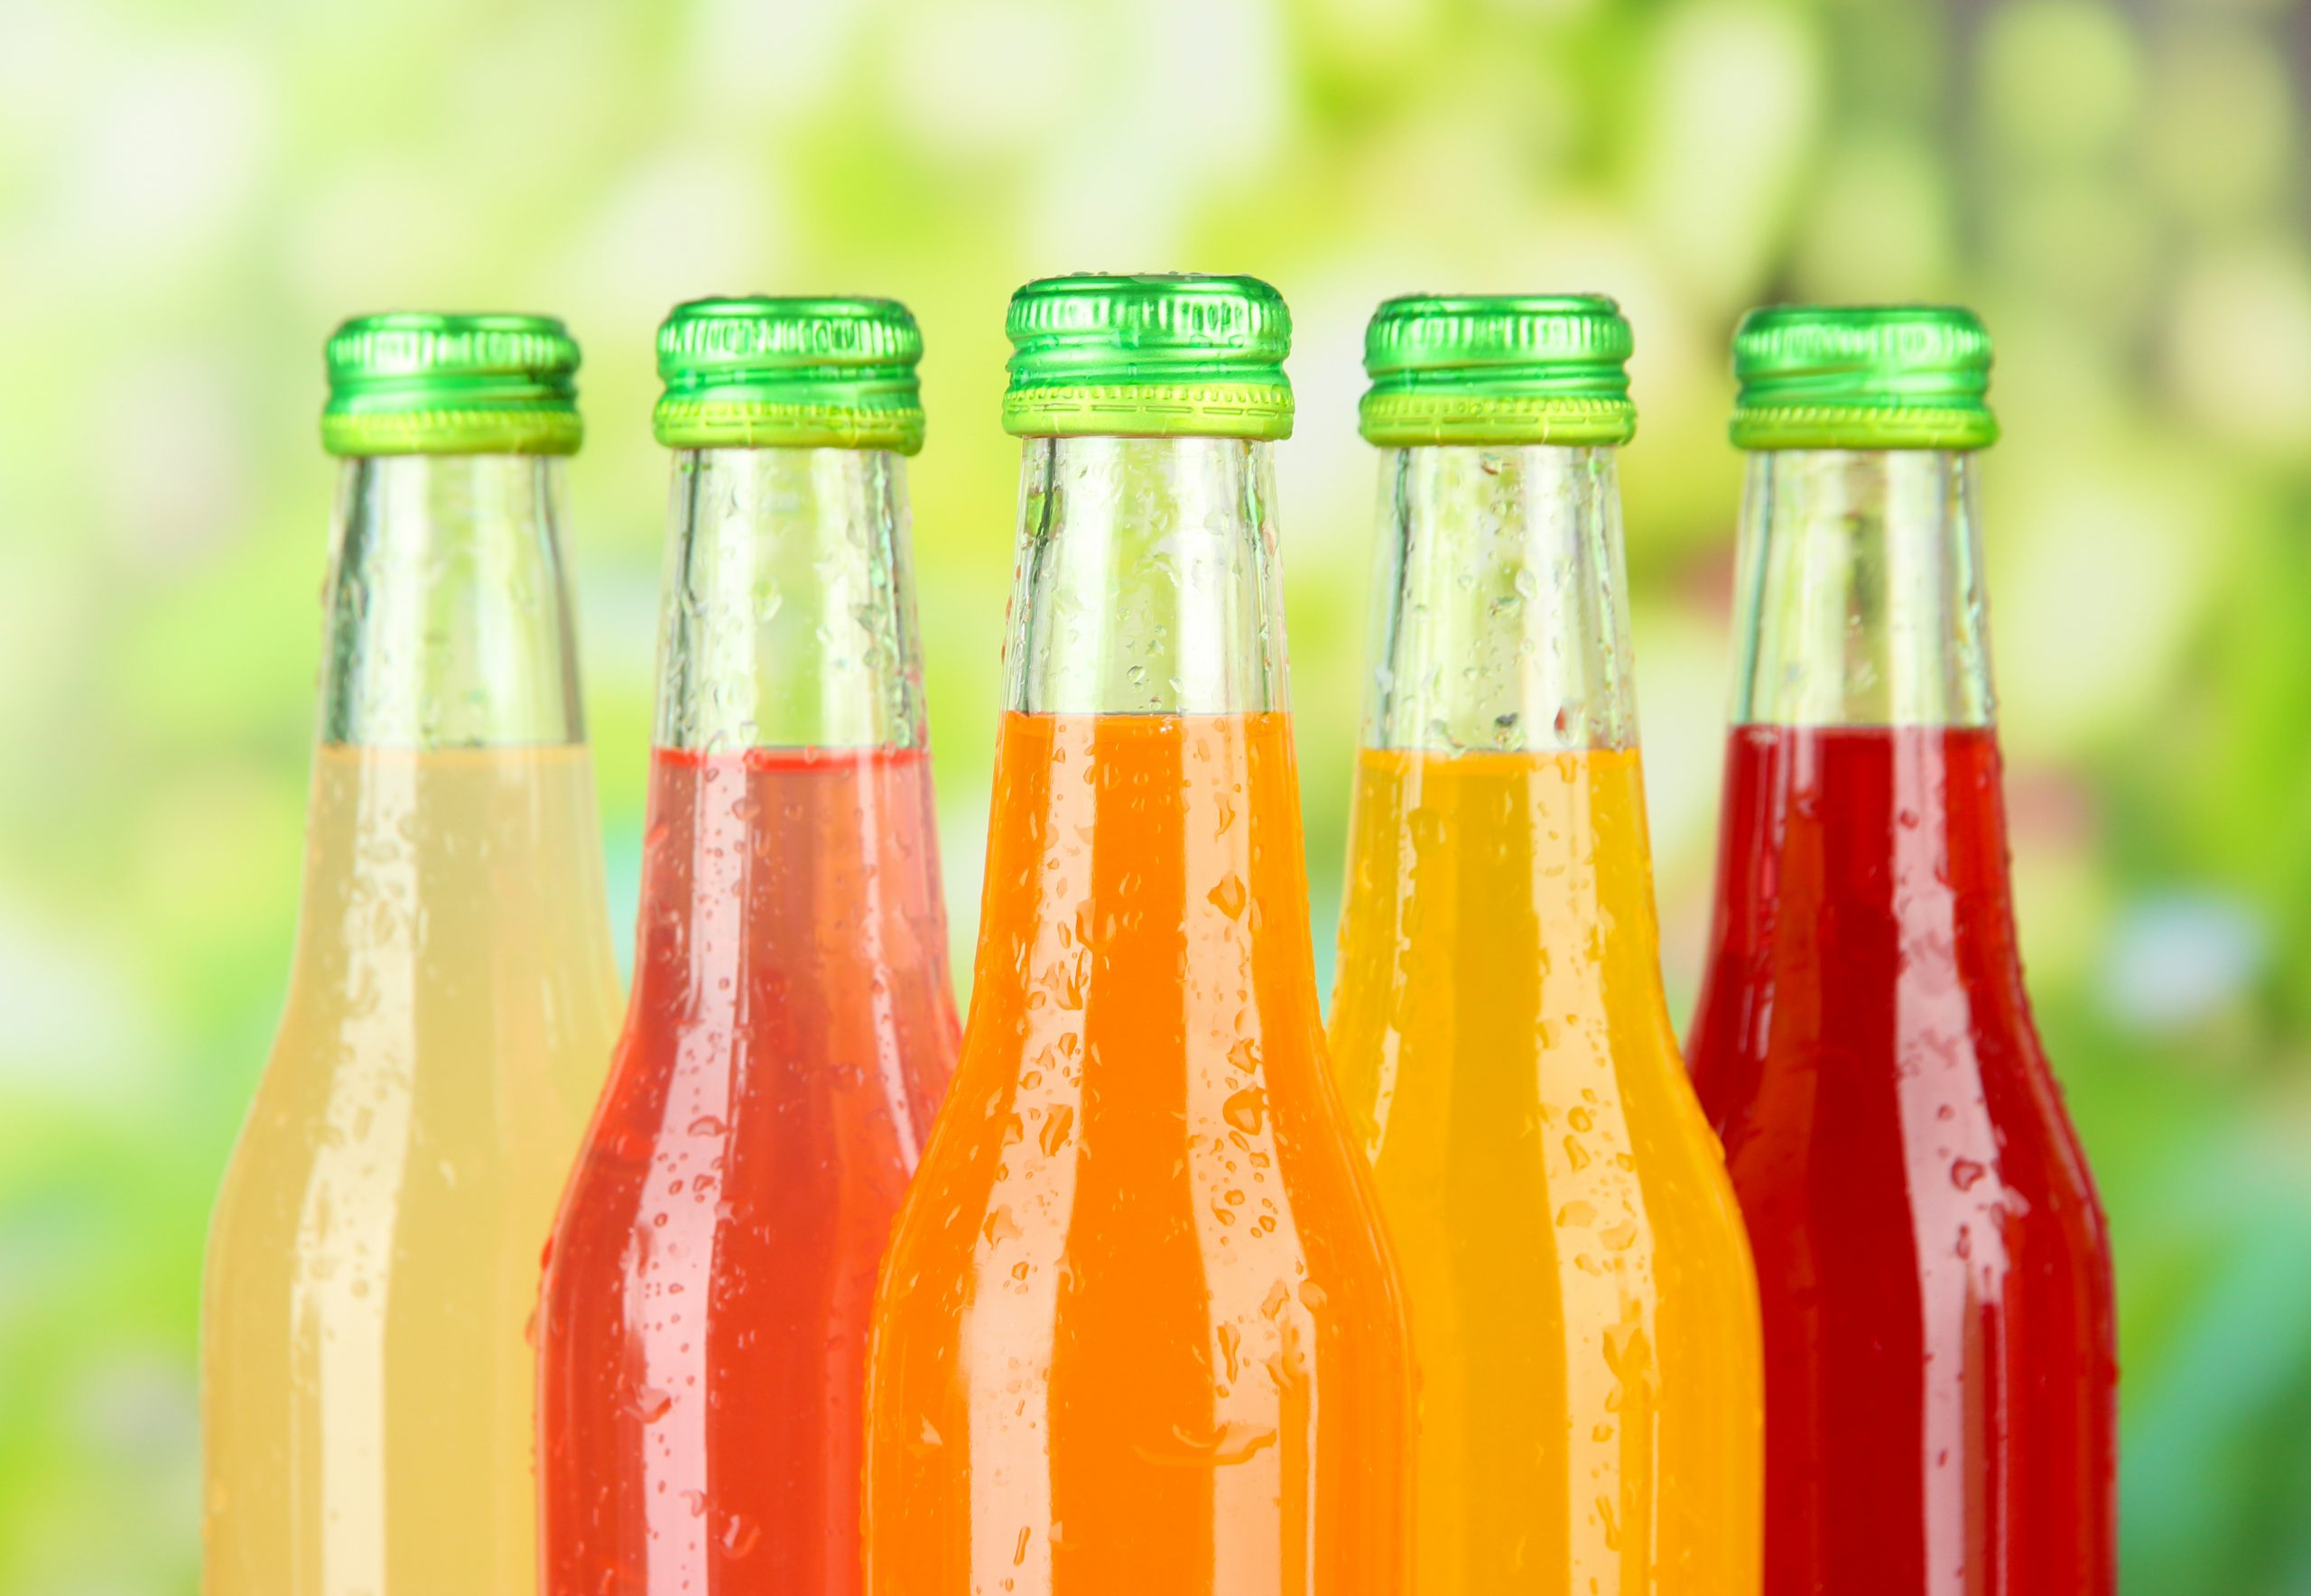 KUPS: podatek cukrowy negatywny dla przedsiębiorców, sadowników i konsumentów